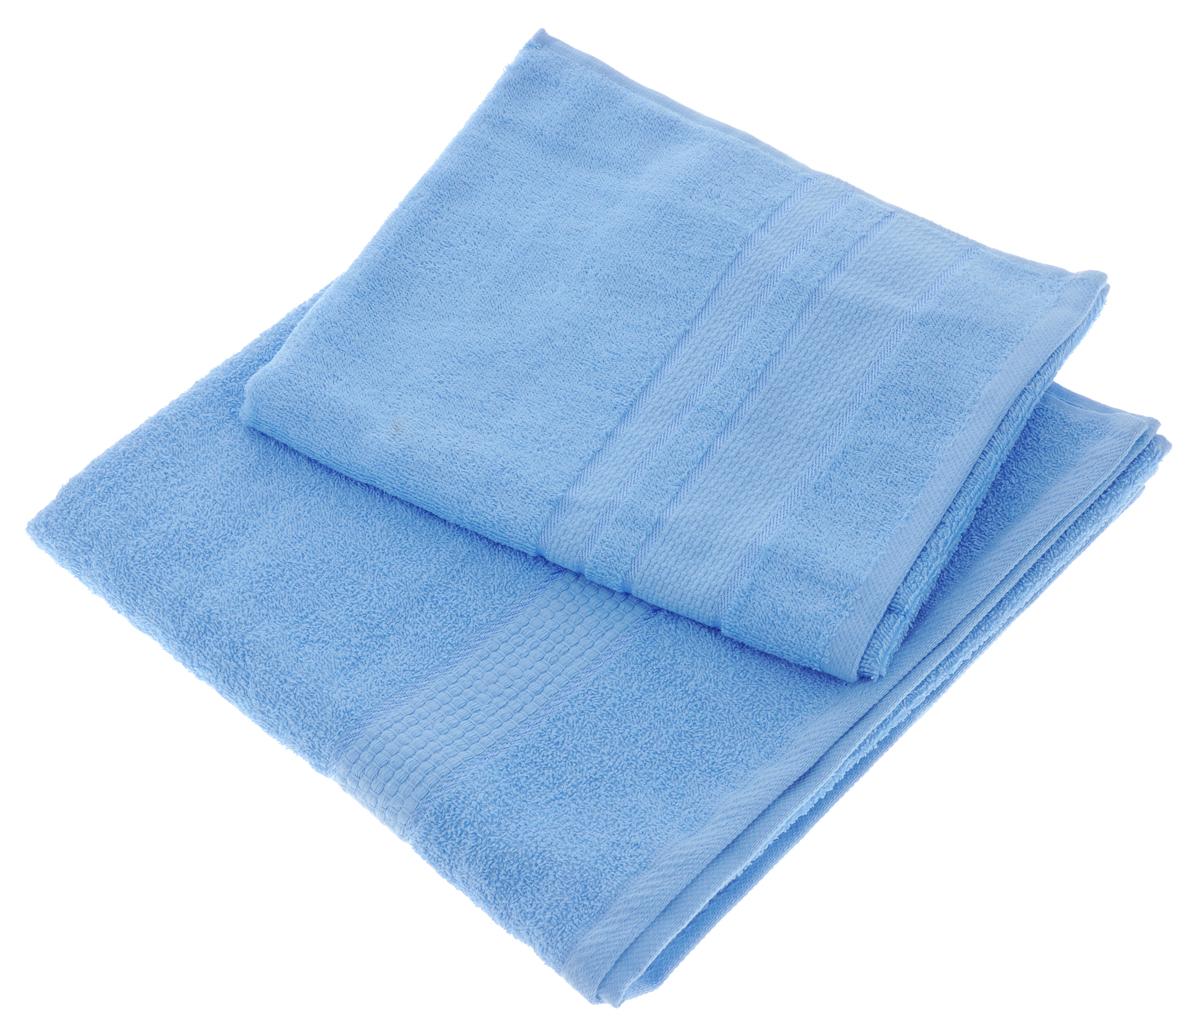 Набор махровых полотенец Aisha Home Textile, цвет: голубой, 2 шт. УзТ-НПМ-102УзТ-НПМ-102-06Набор Aisha Home Textile состоит из двух махровых полотенец разного размера. В состав входит только натуральное волокно - 100% хлопок. Лаконичные бордюры подойдут для любого интерьера ванной комнаты. Полотенца прекрасно впитывают влагу и быстро сохнут. При соблюдении рекомендаций по уходу не линяют и не теряют форму даже после многократных стирок. Комплектация: 2 шт.